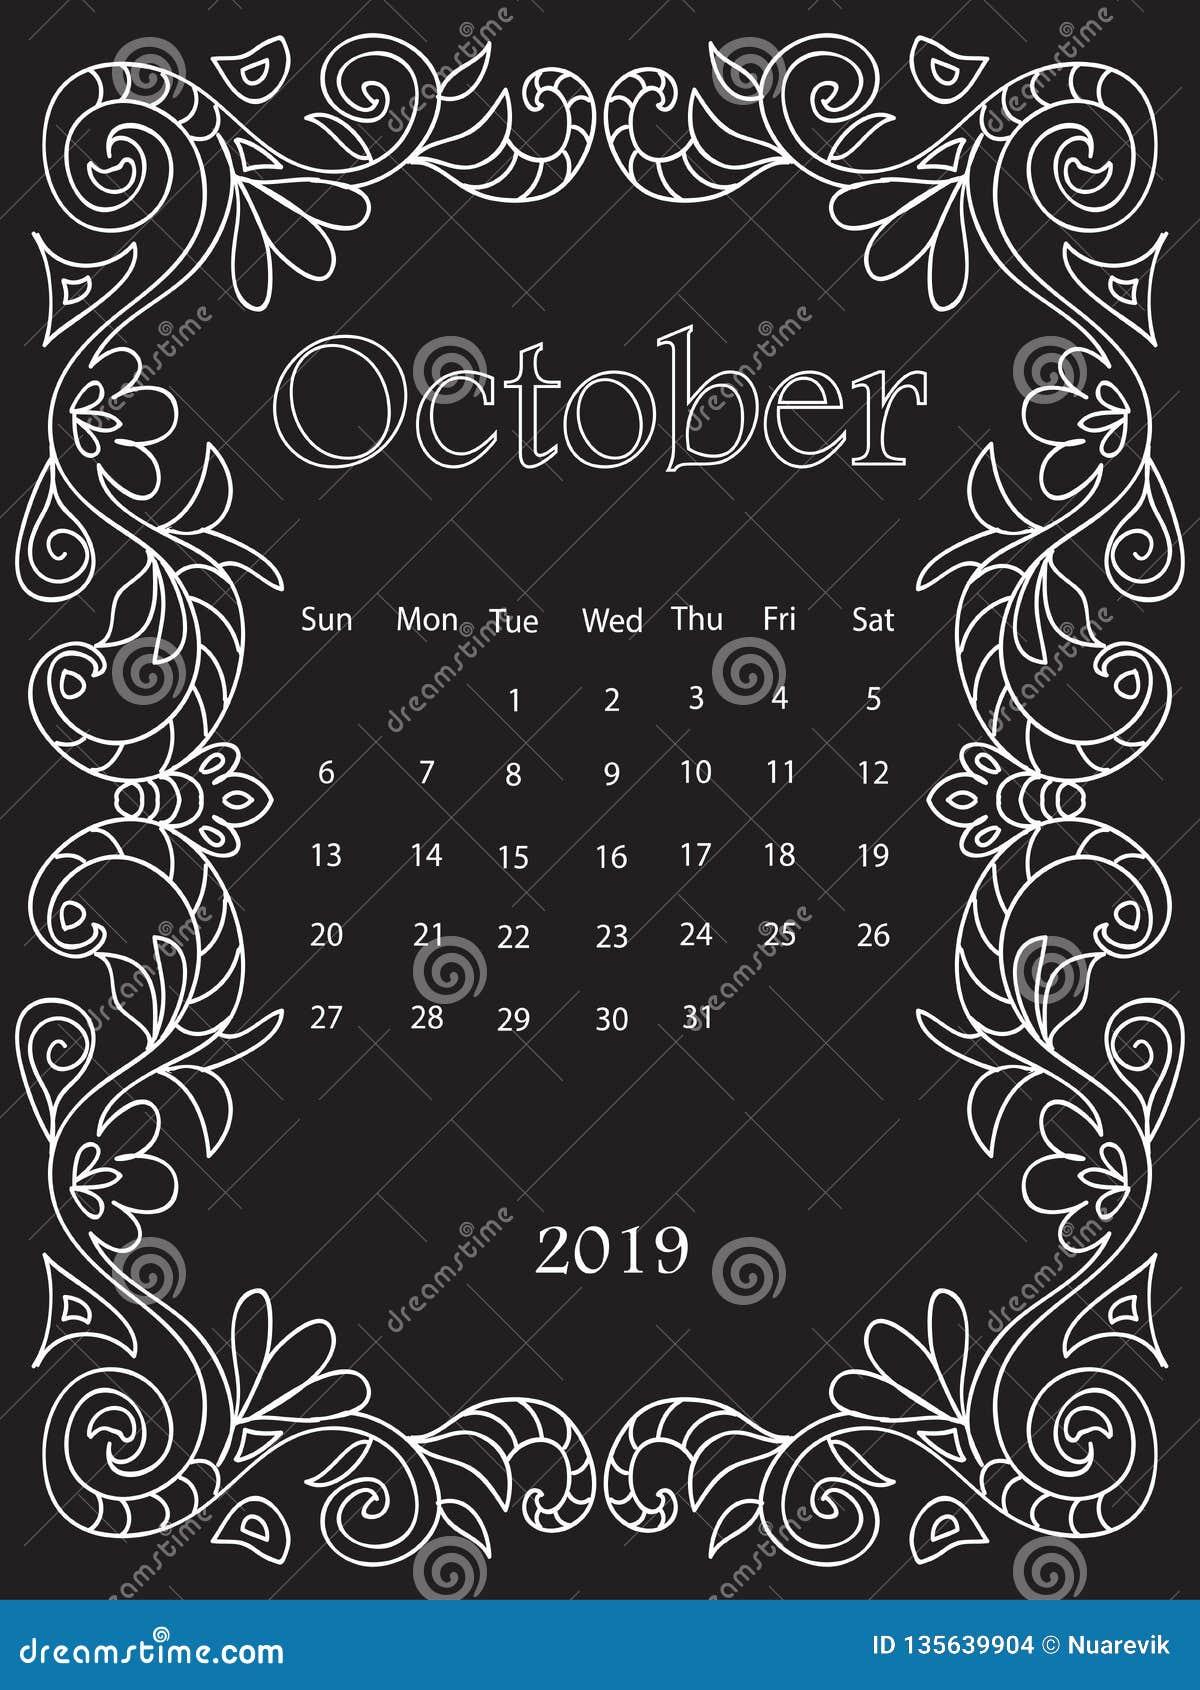 Calendario Dibujo Blanco Y Negro.La Mandala Blanca Del Dibujo De Tiza Garabatea El Calendario